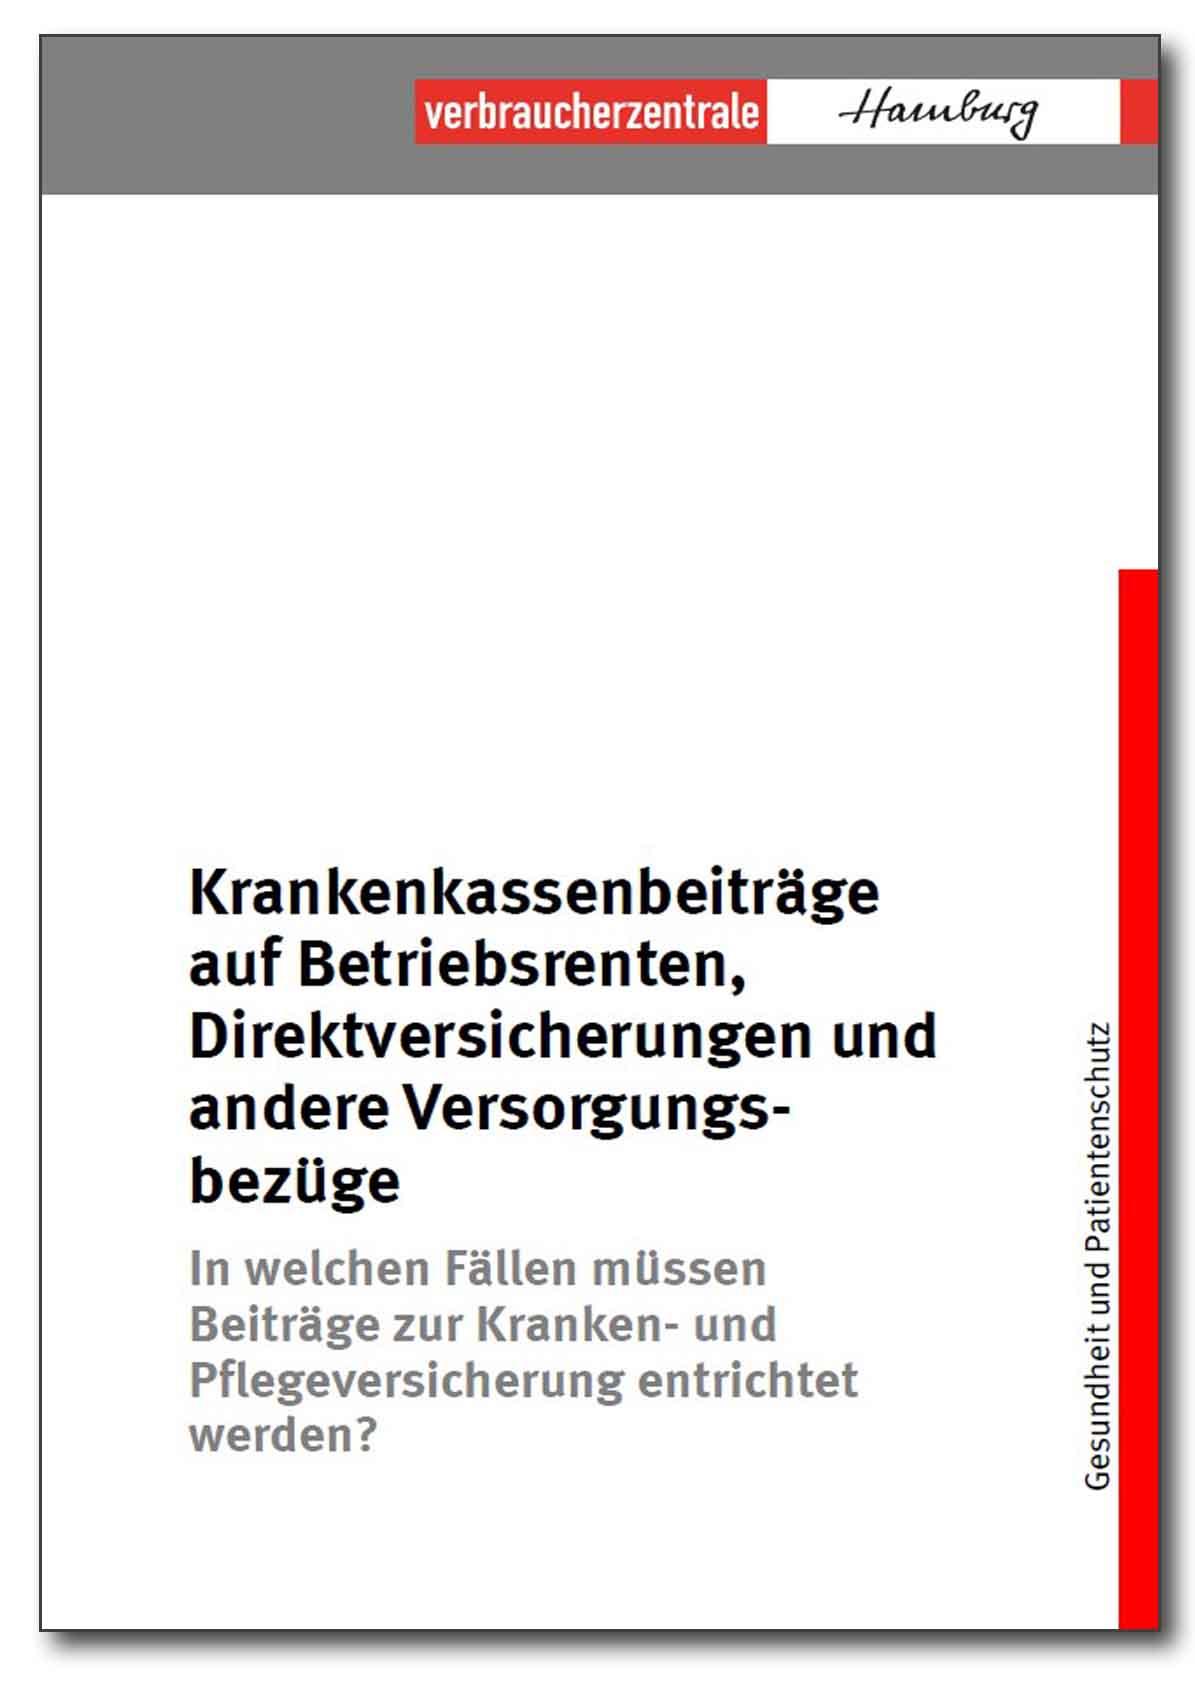 Infobroschüre - Krankenkassenbeiträge auf Betriebsrenten, Direktversicherungen und andere Versorgungsbezüge - Verbraucherzentrale